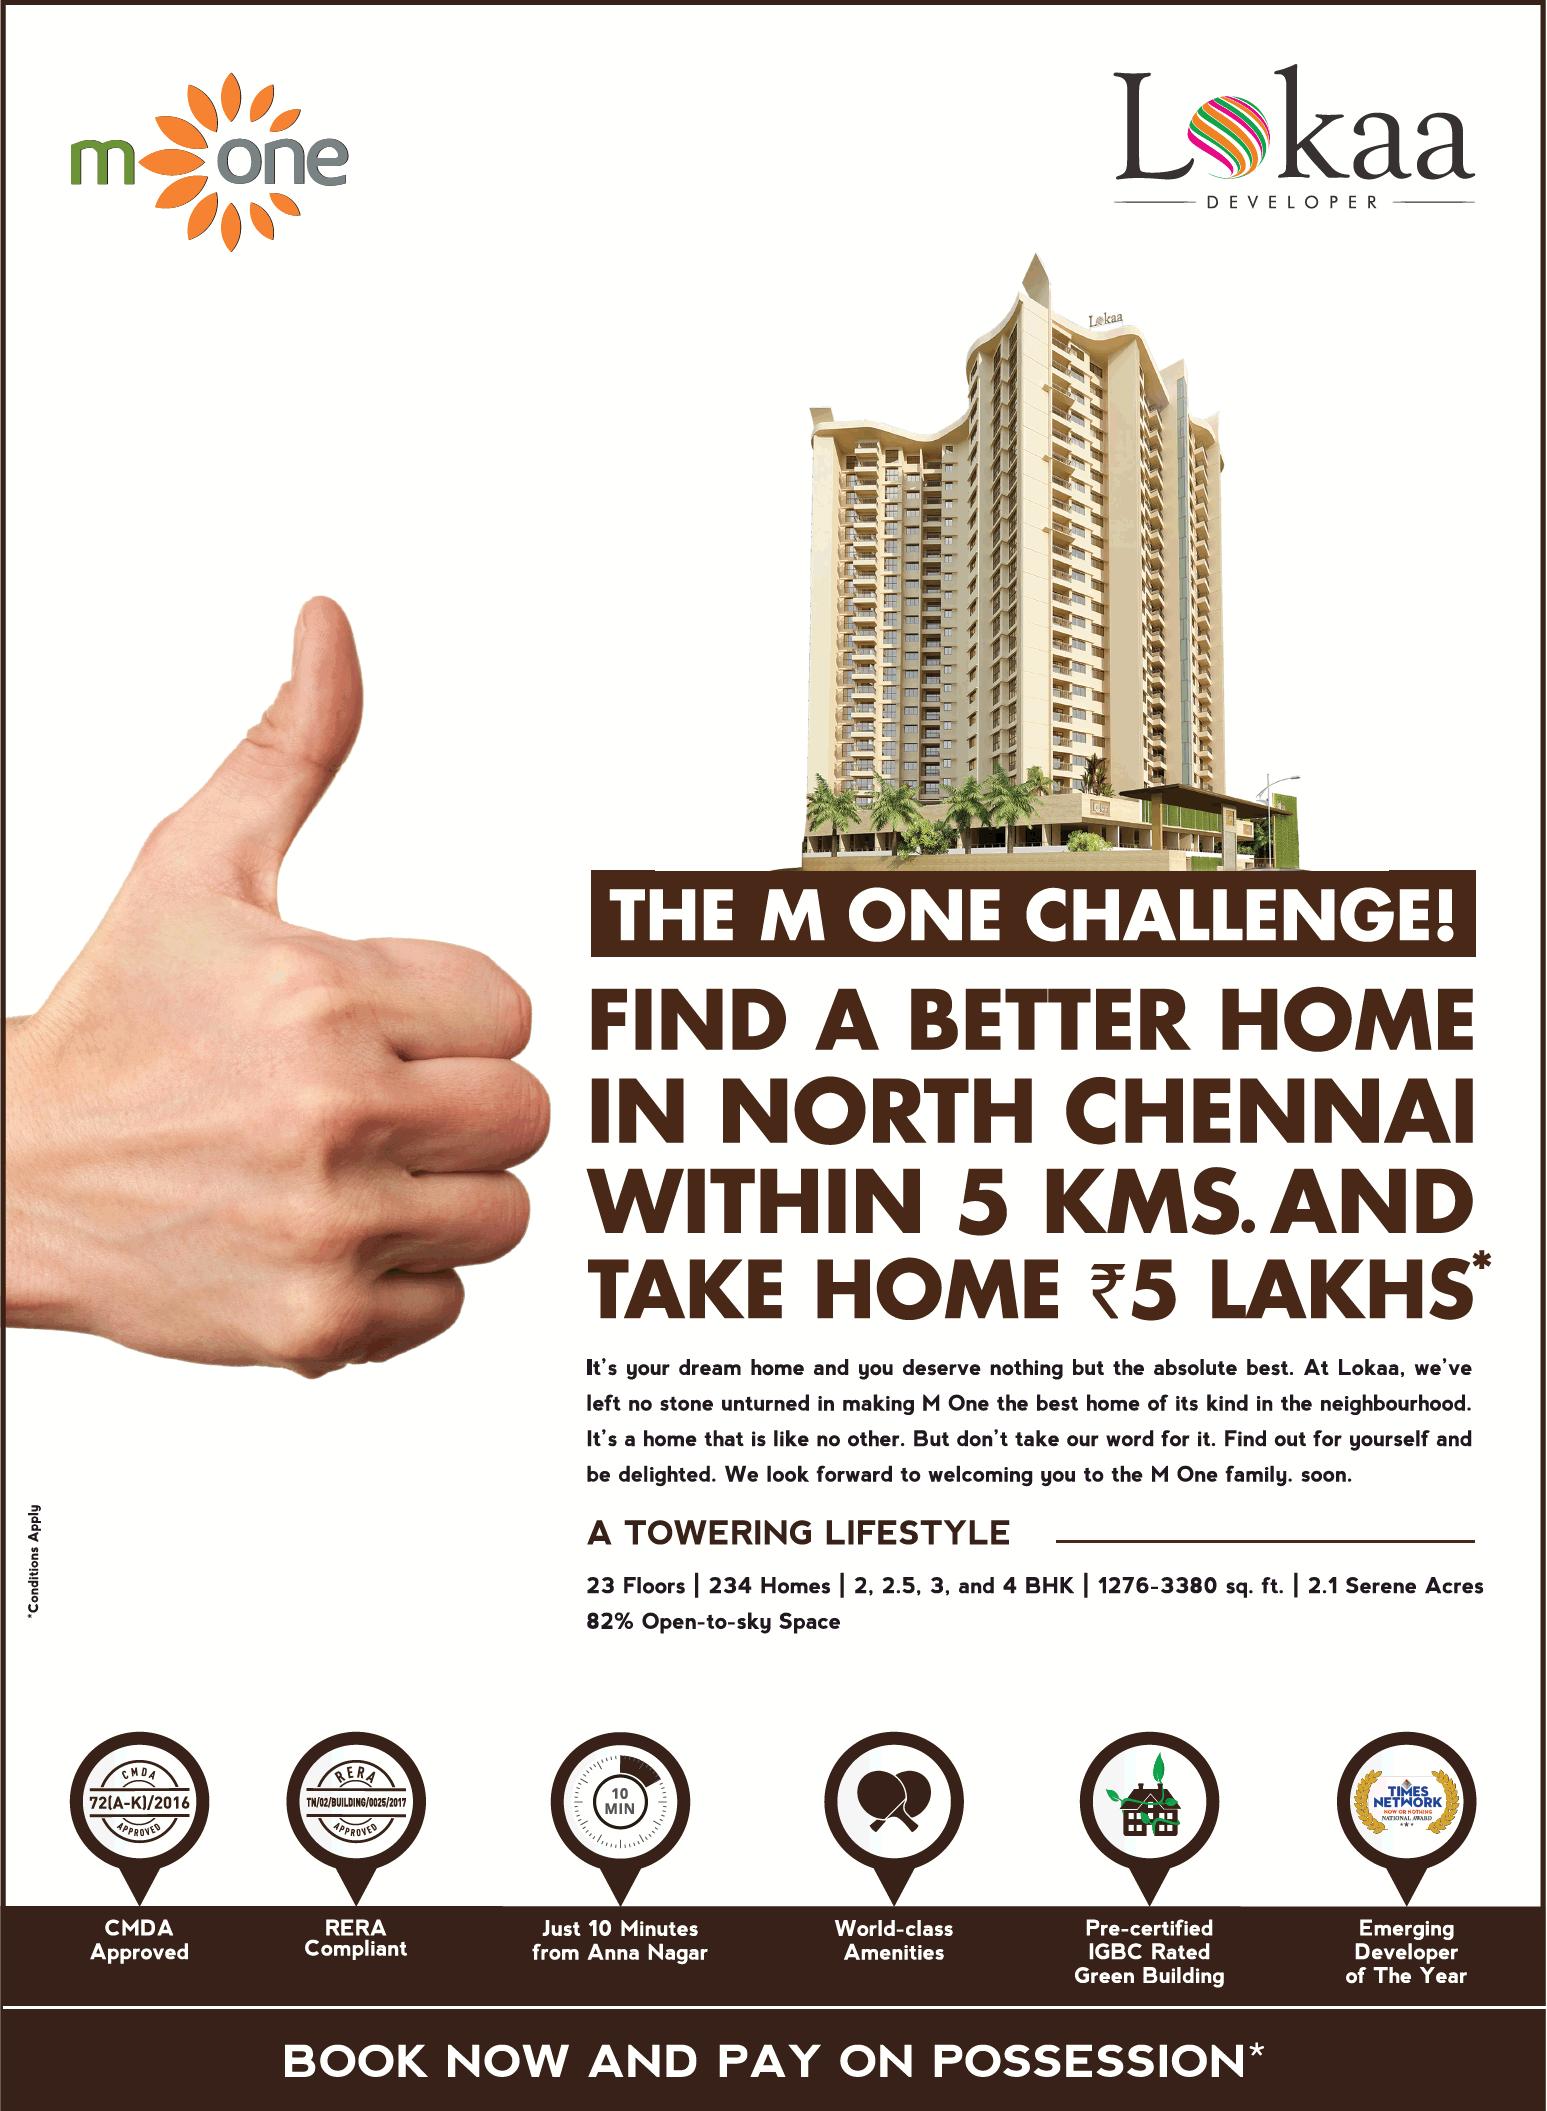 Book homes at Rs  5 lakhs at Lokaa M One in Chennai - Zricks com